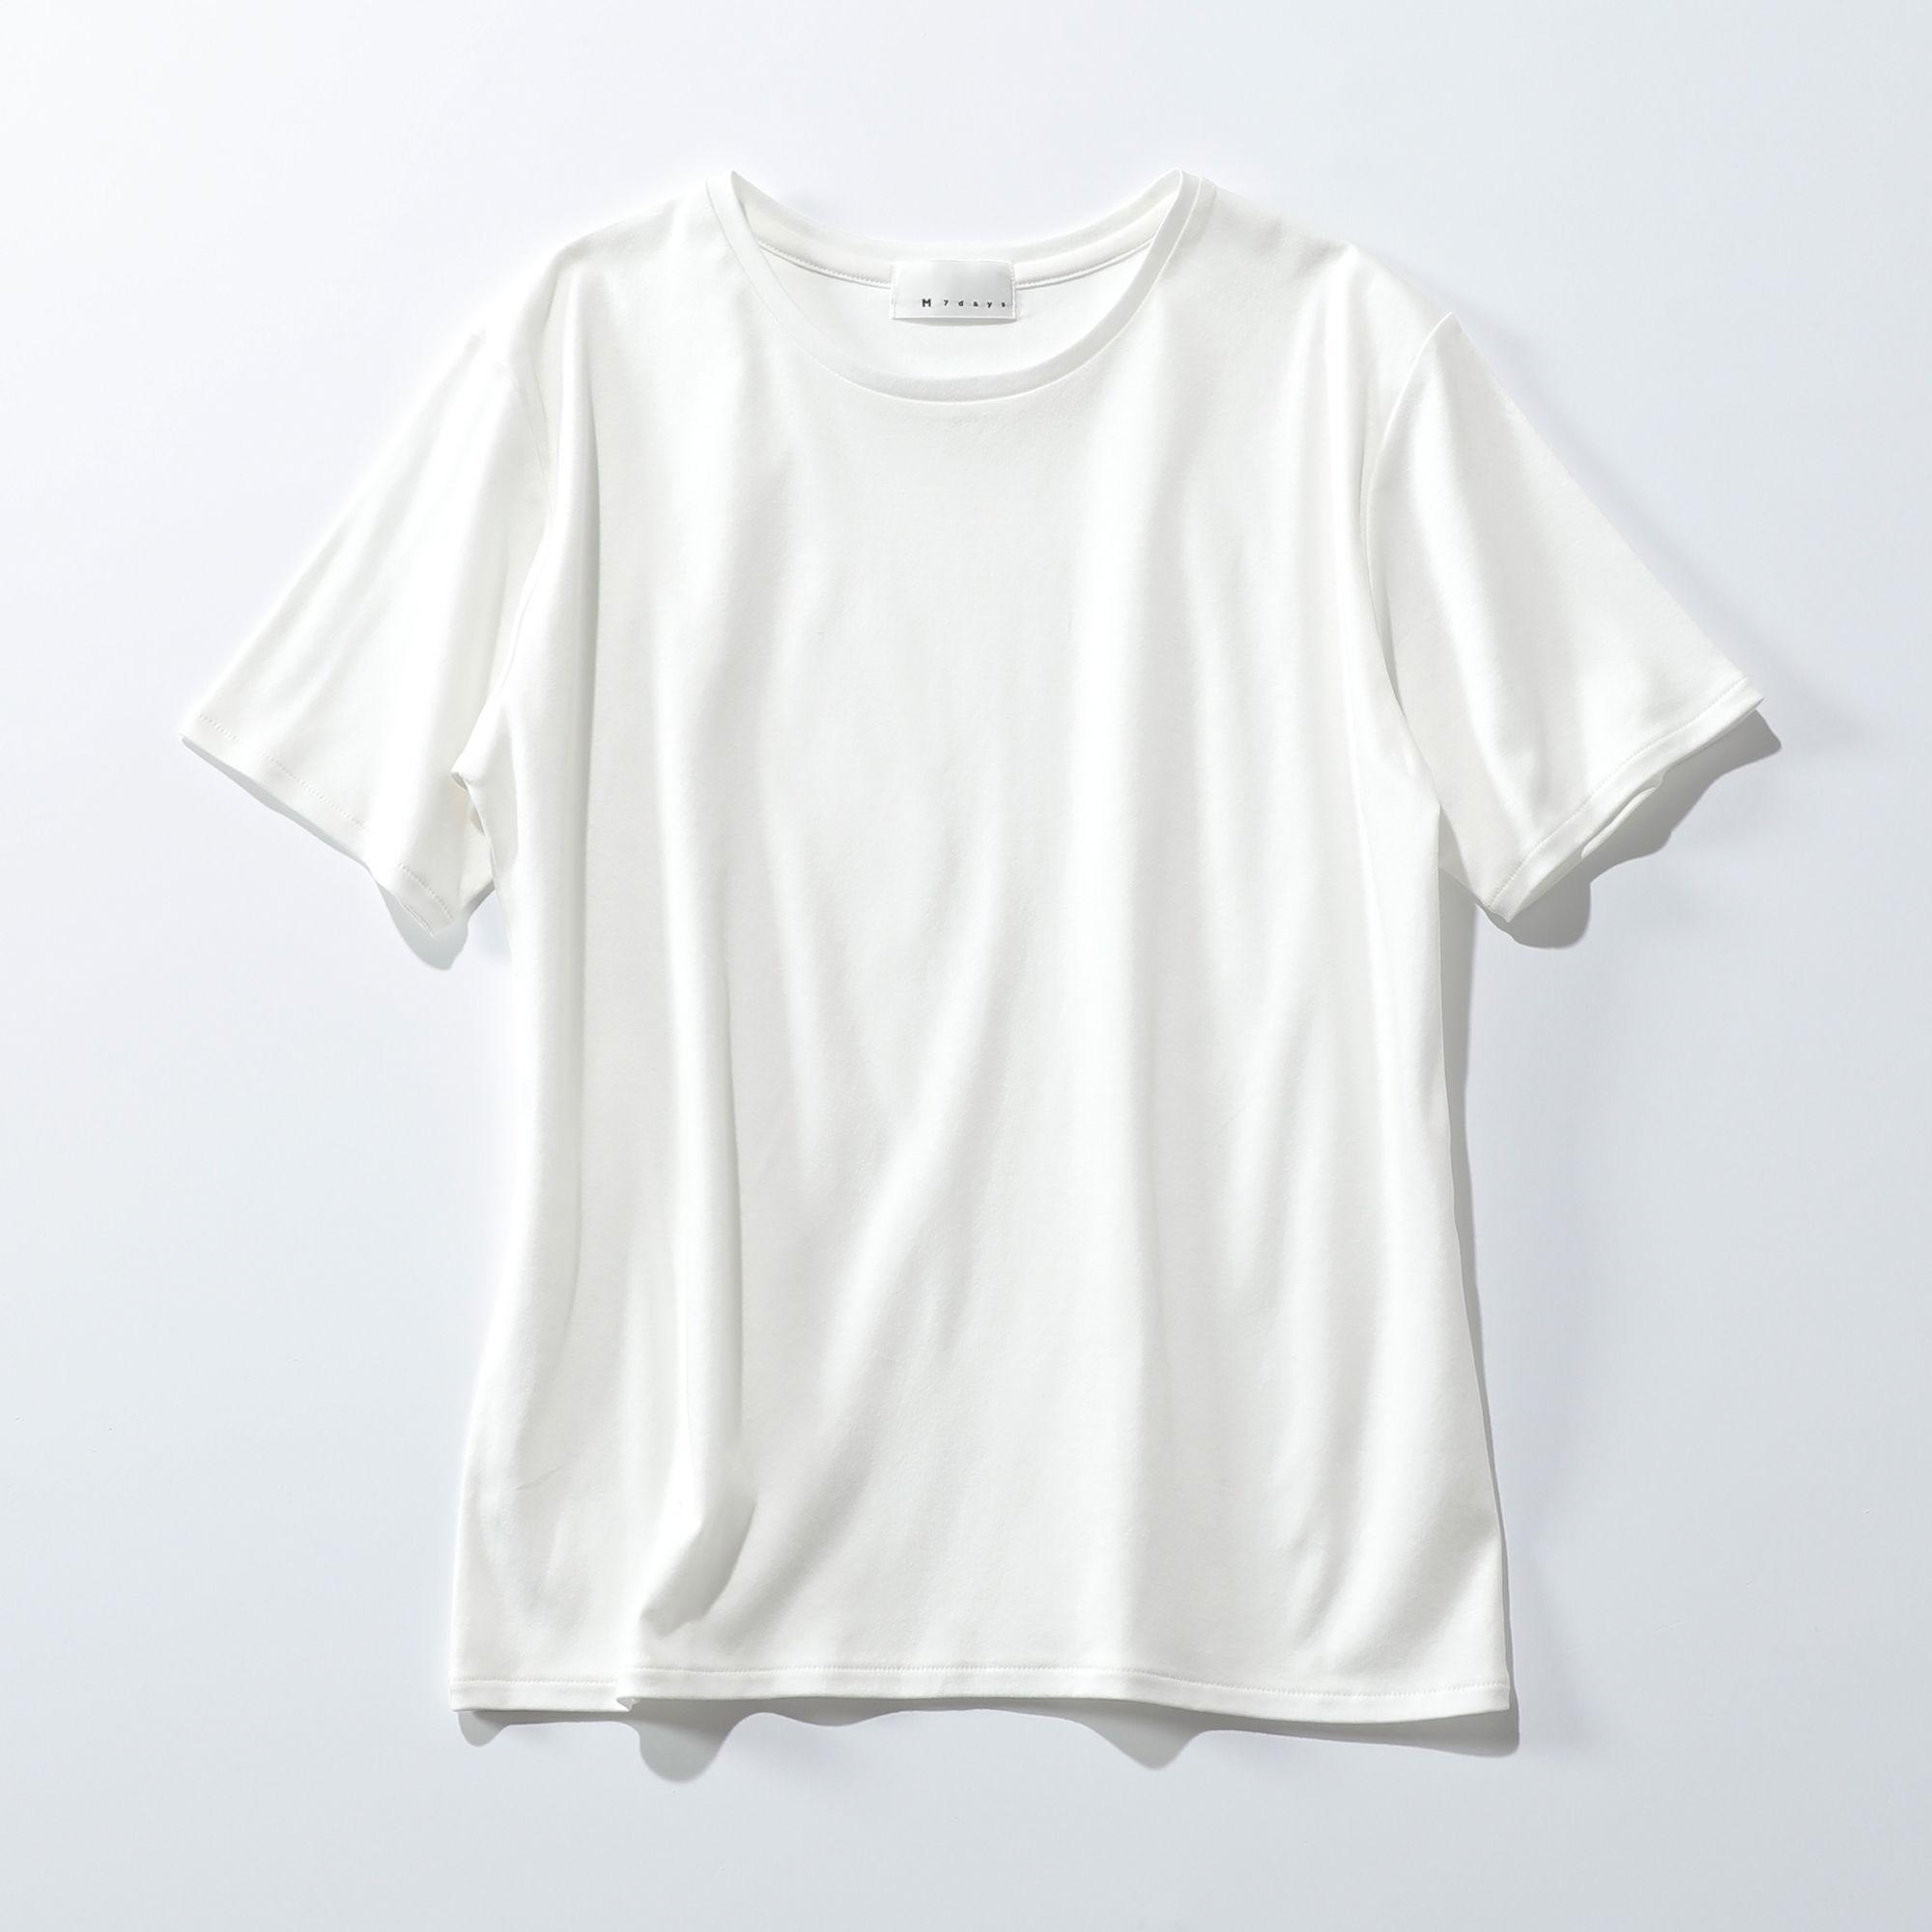 M7days(エムセブンデイズ)【松村純子さんコラボ】Tシャツ¥7,700